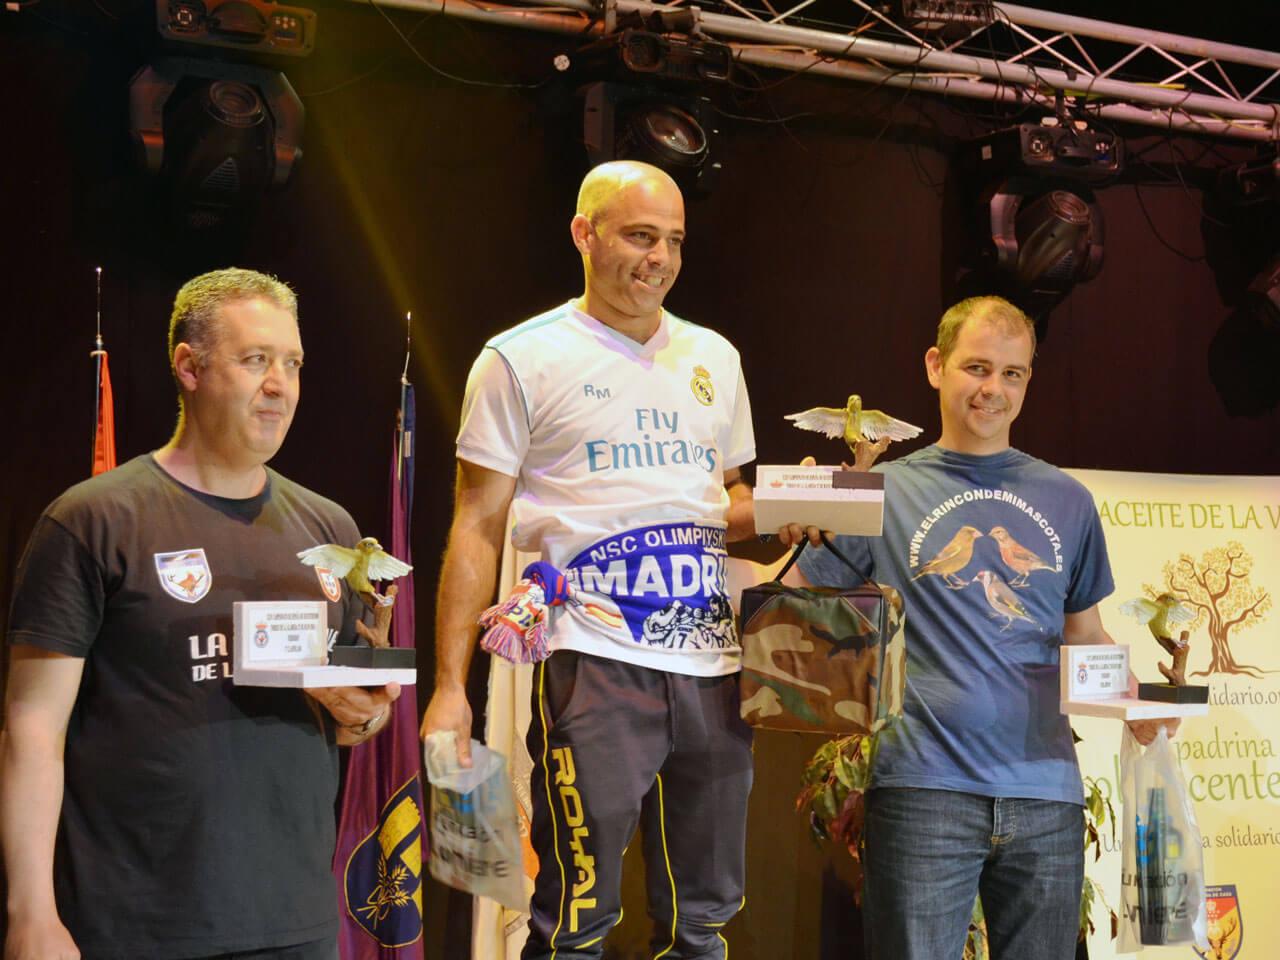 Campeonato España Cante 2018 podium Verderón